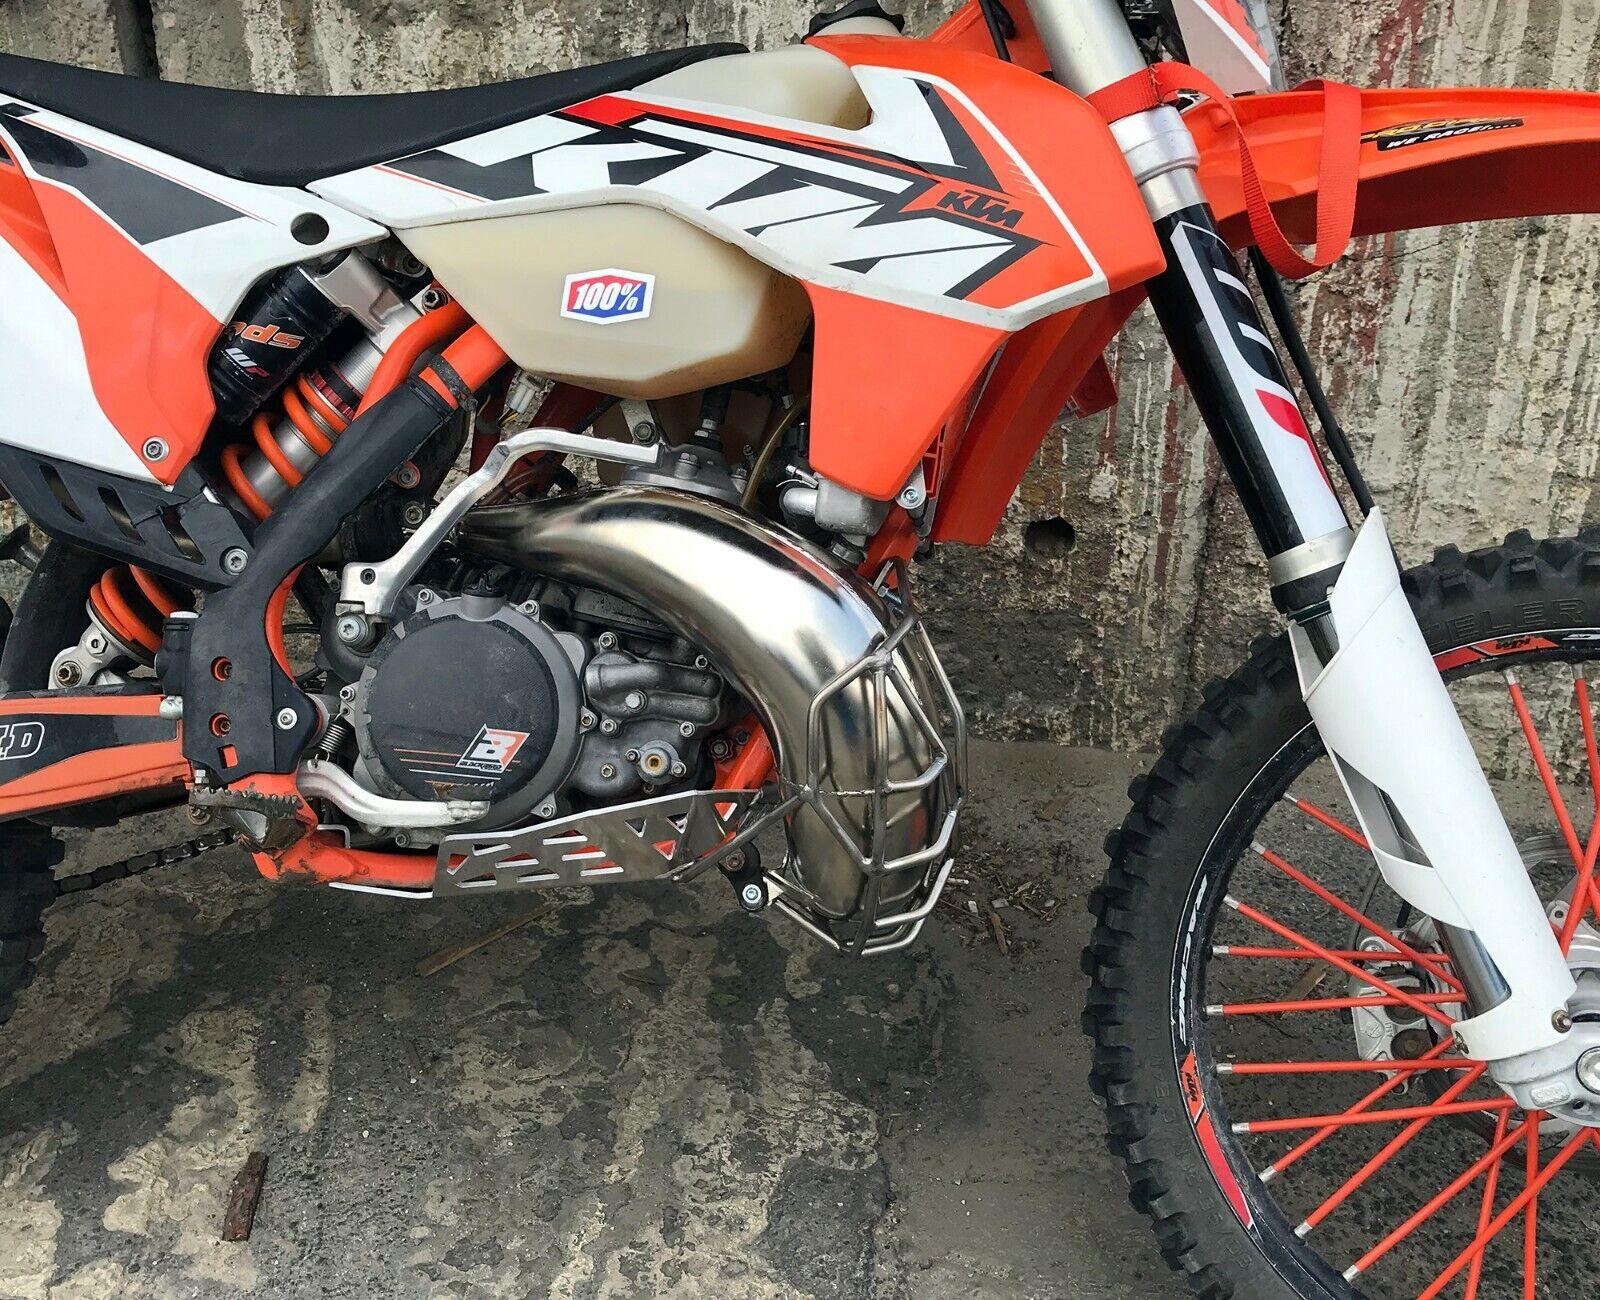 Auspuffanlagen FMF Gnarly Krmmer Auspuffbirne fr KTM EXC 200 2 ...